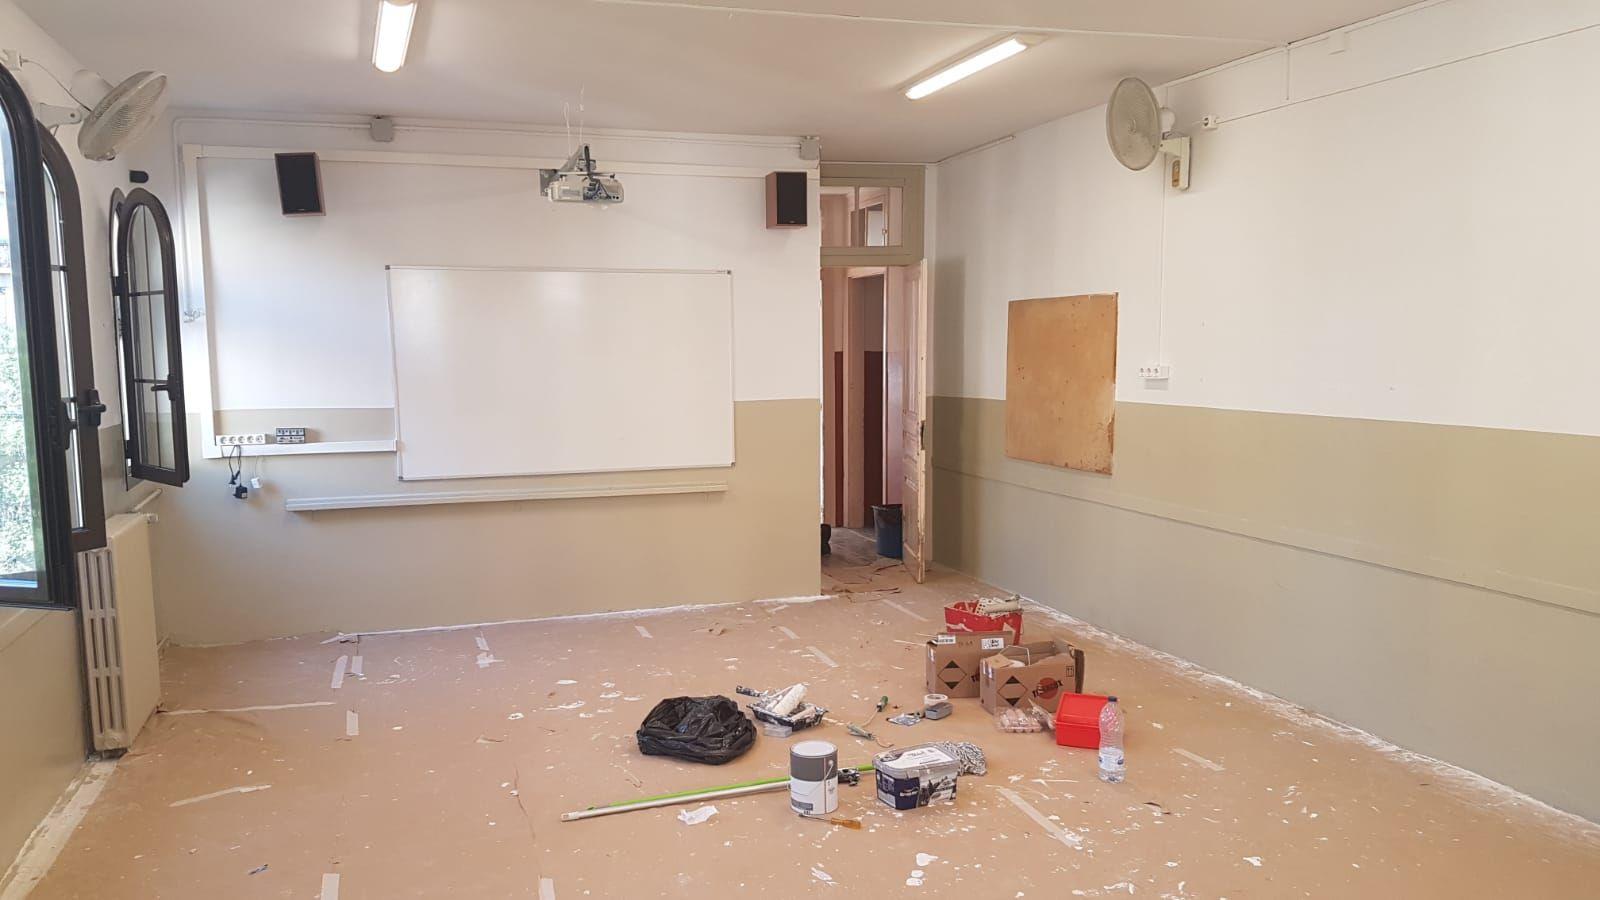 Limpieza y pintura de un colegio - Antes